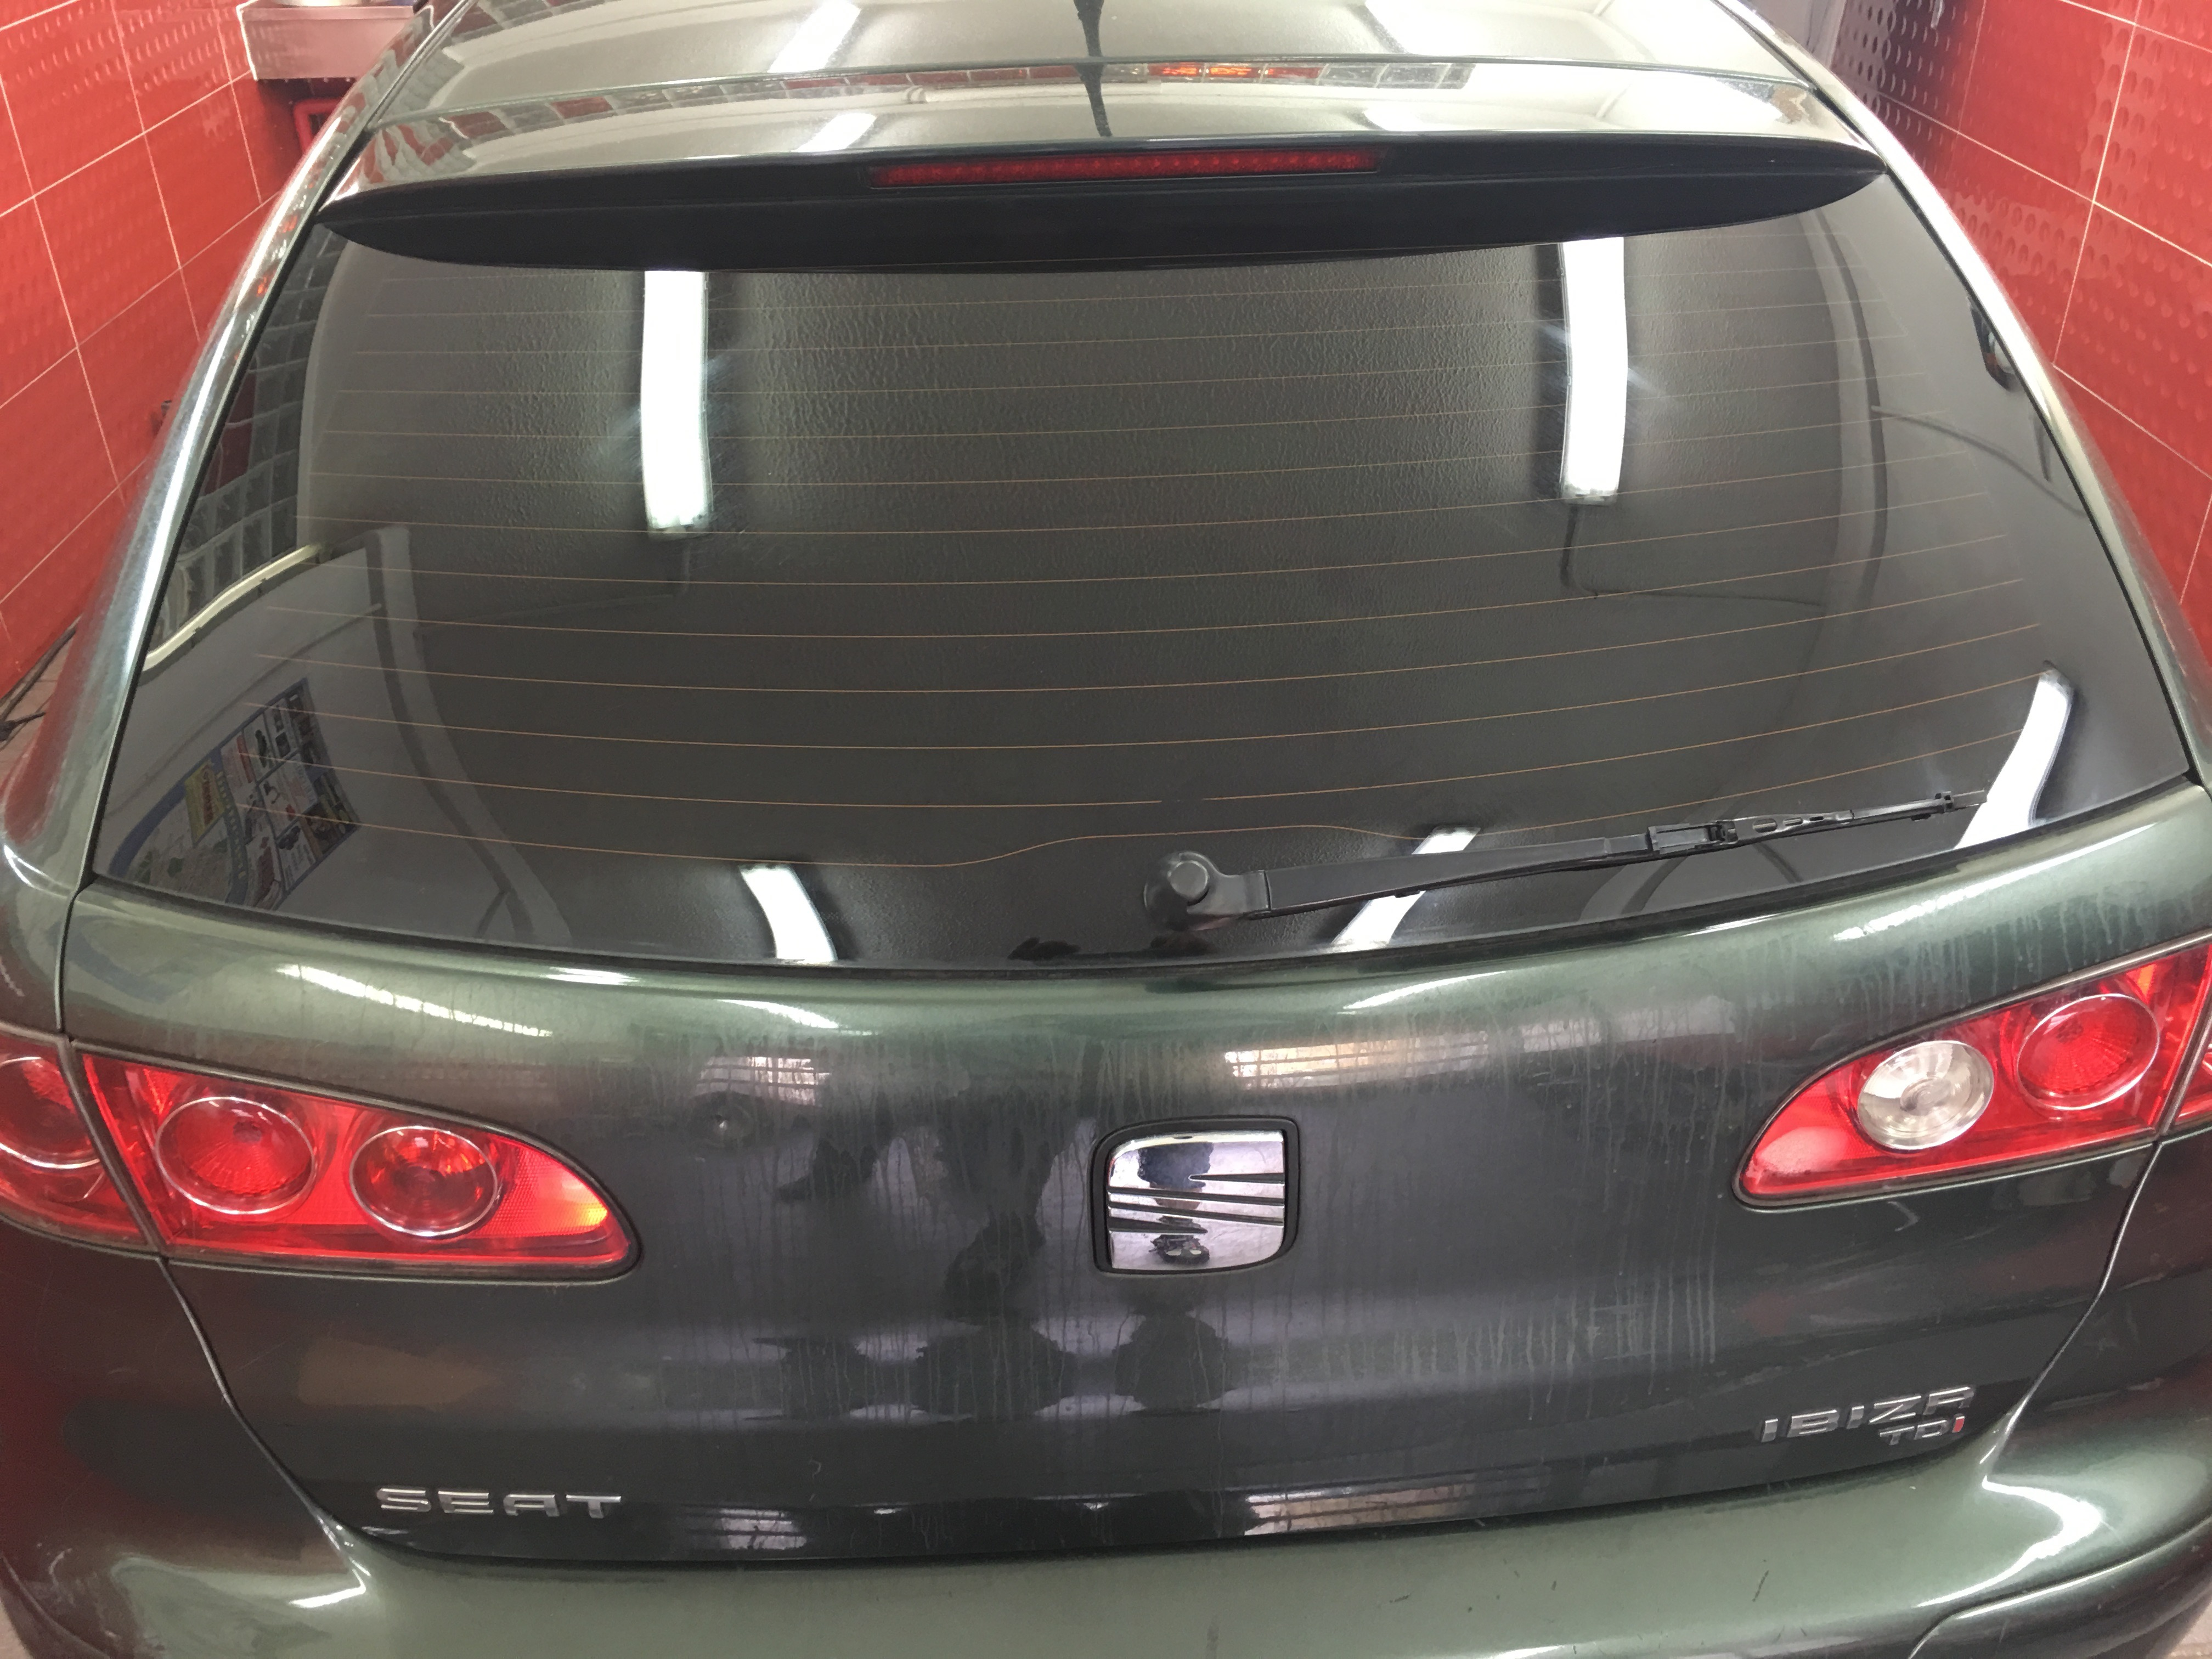 img 0146 vitre teint e automobile pose vitres teint es pour voiture autofilms sp cialise. Black Bedroom Furniture Sets. Home Design Ideas